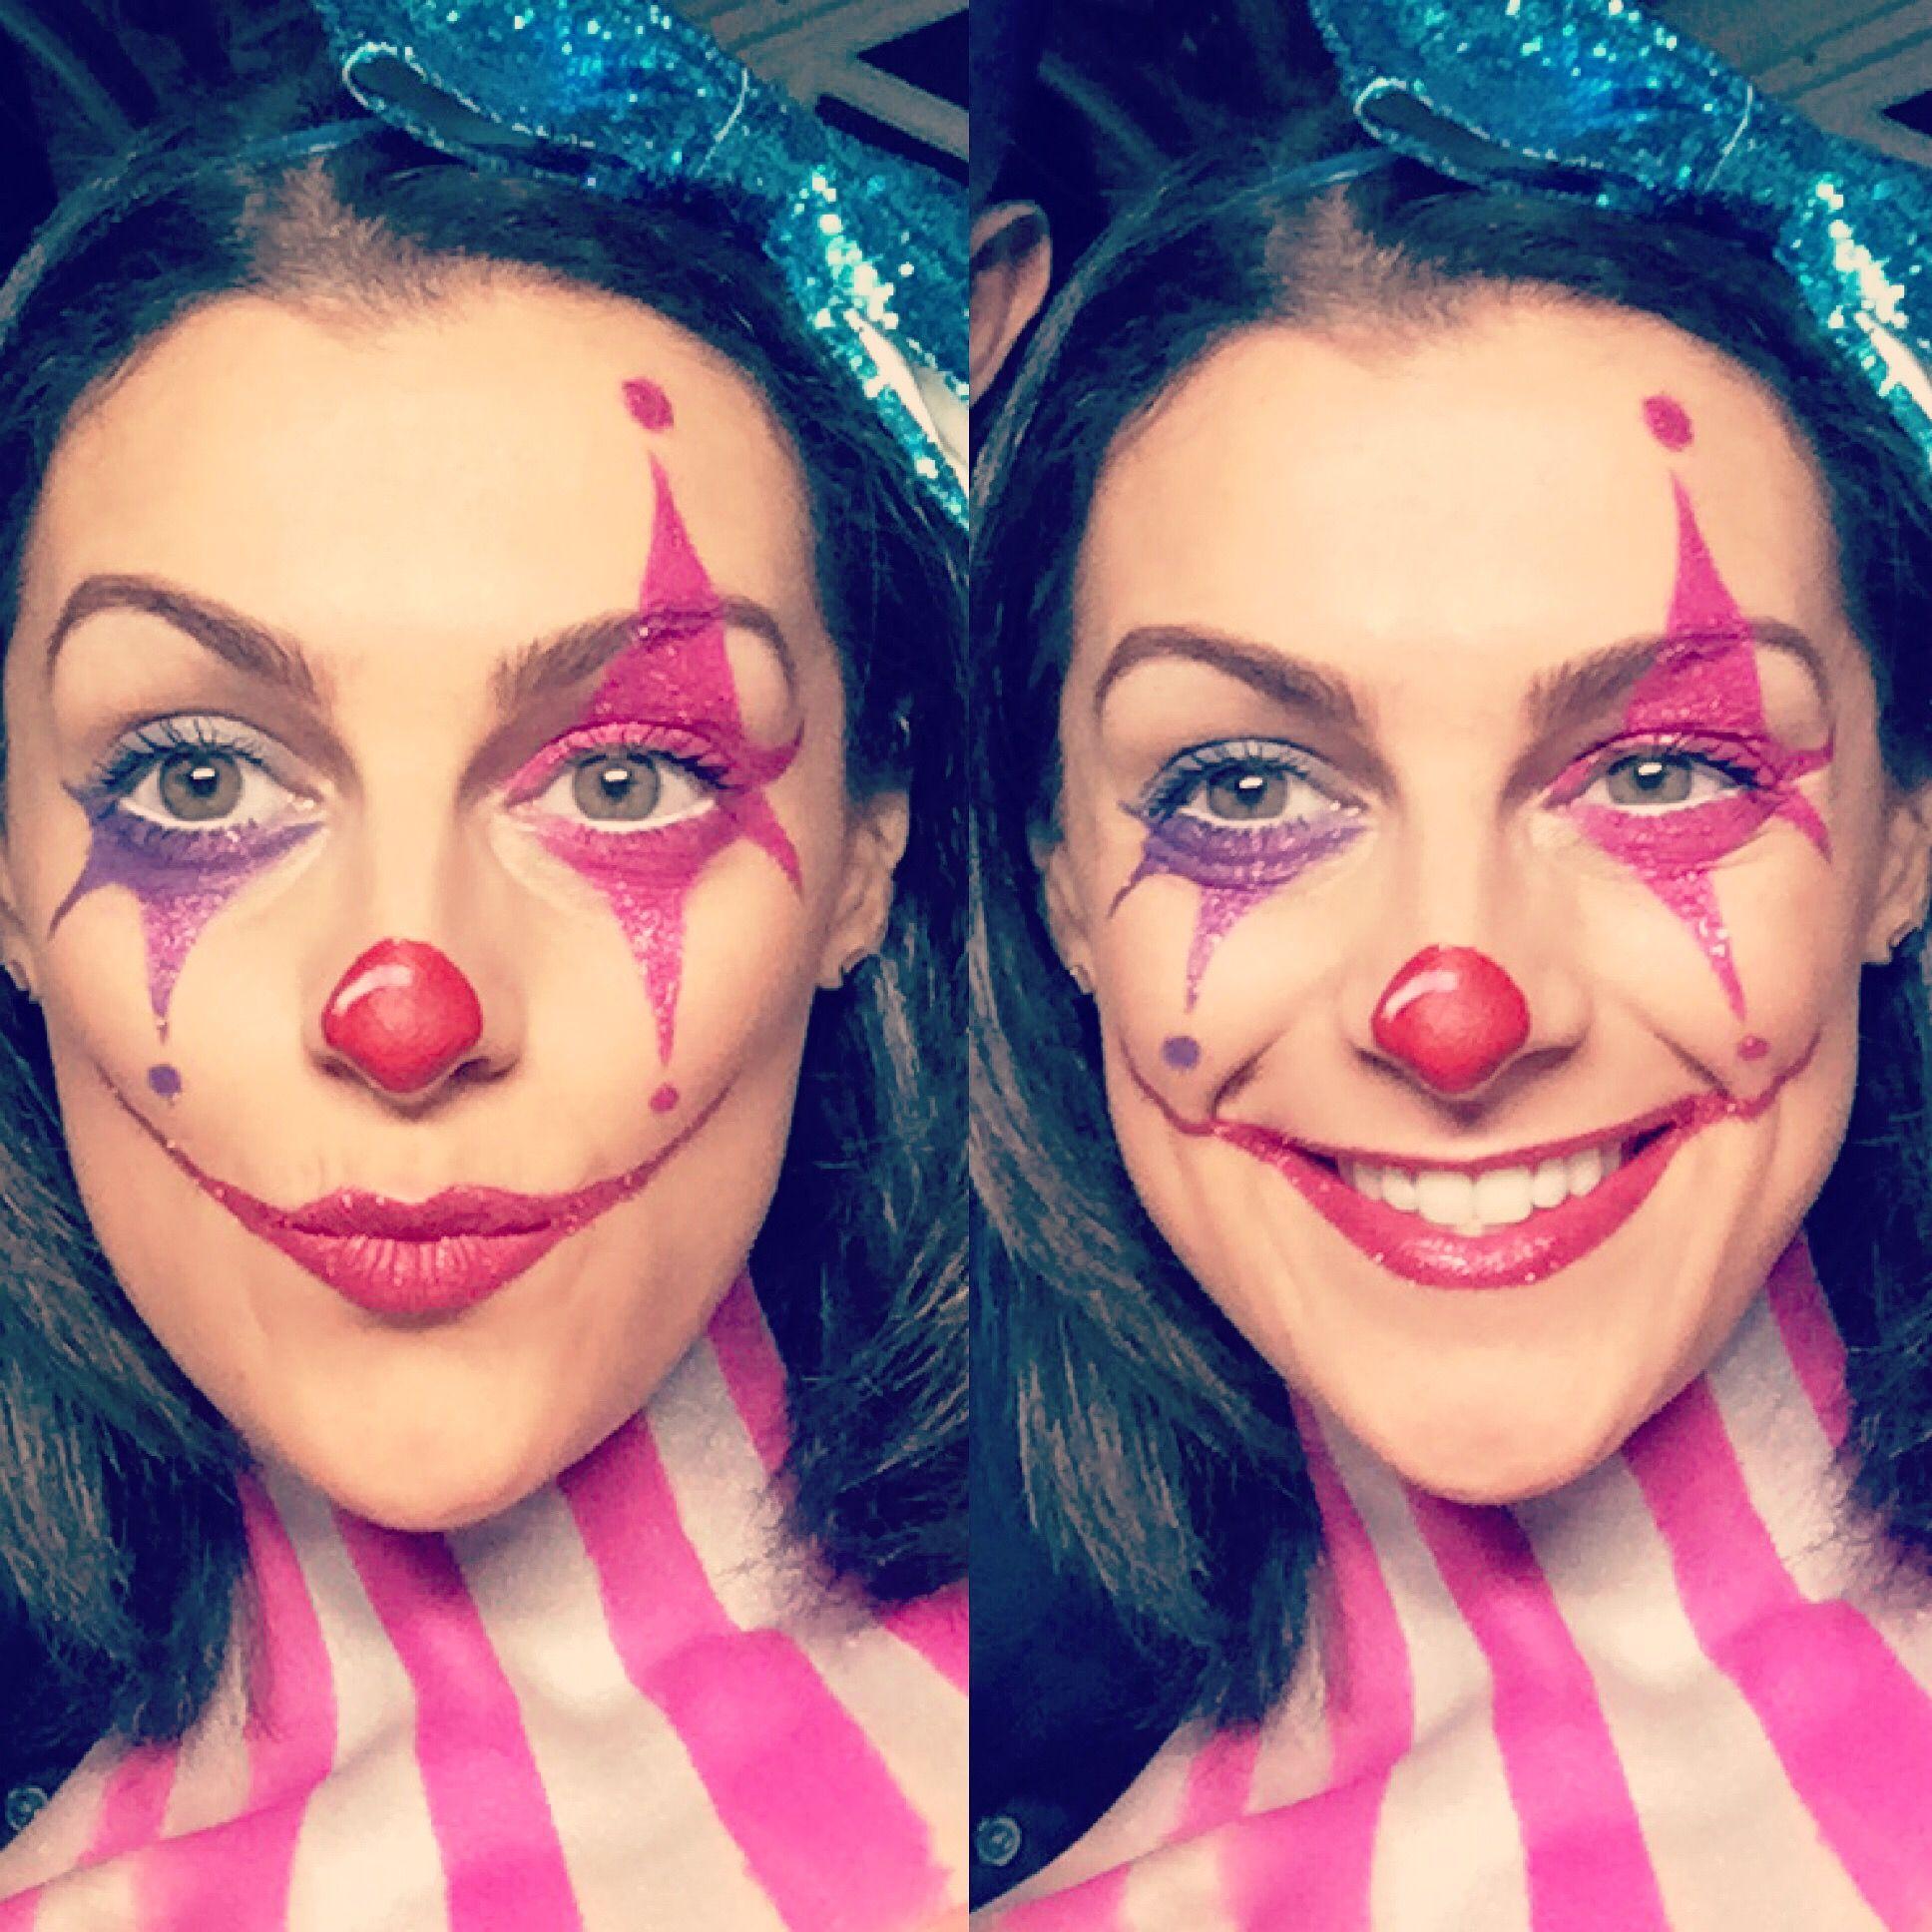 Halloween Schminken Ohne Kostum.Clown Makeup Clown Costume Clown Couple Pretty Clown Makeup Special Effects Makeu Scary Clown Clown Makeup Halloween Makeup Pretty Halloween Makeup Clown